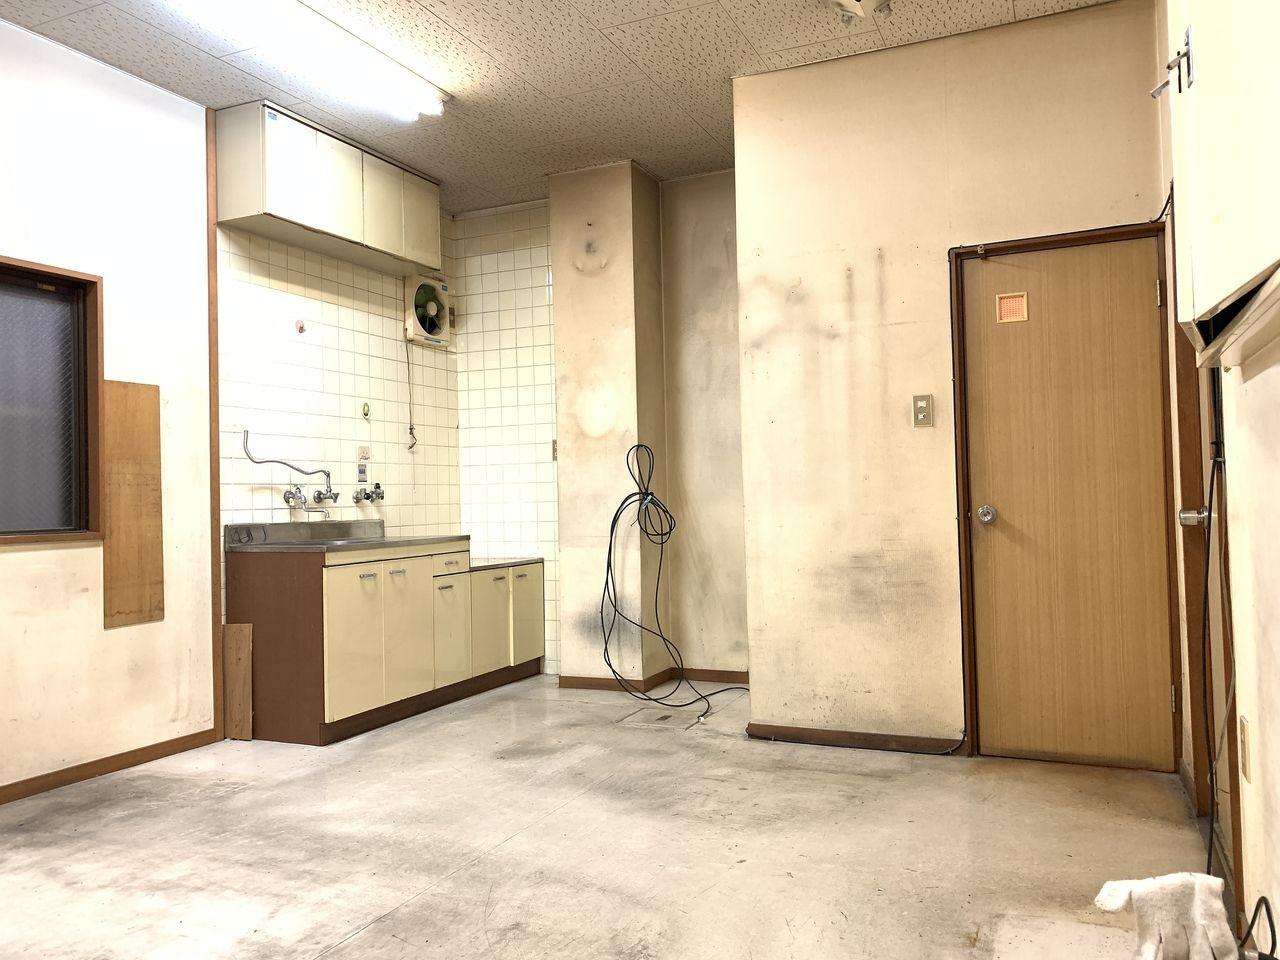 ハイツミヤコ事務所内です。